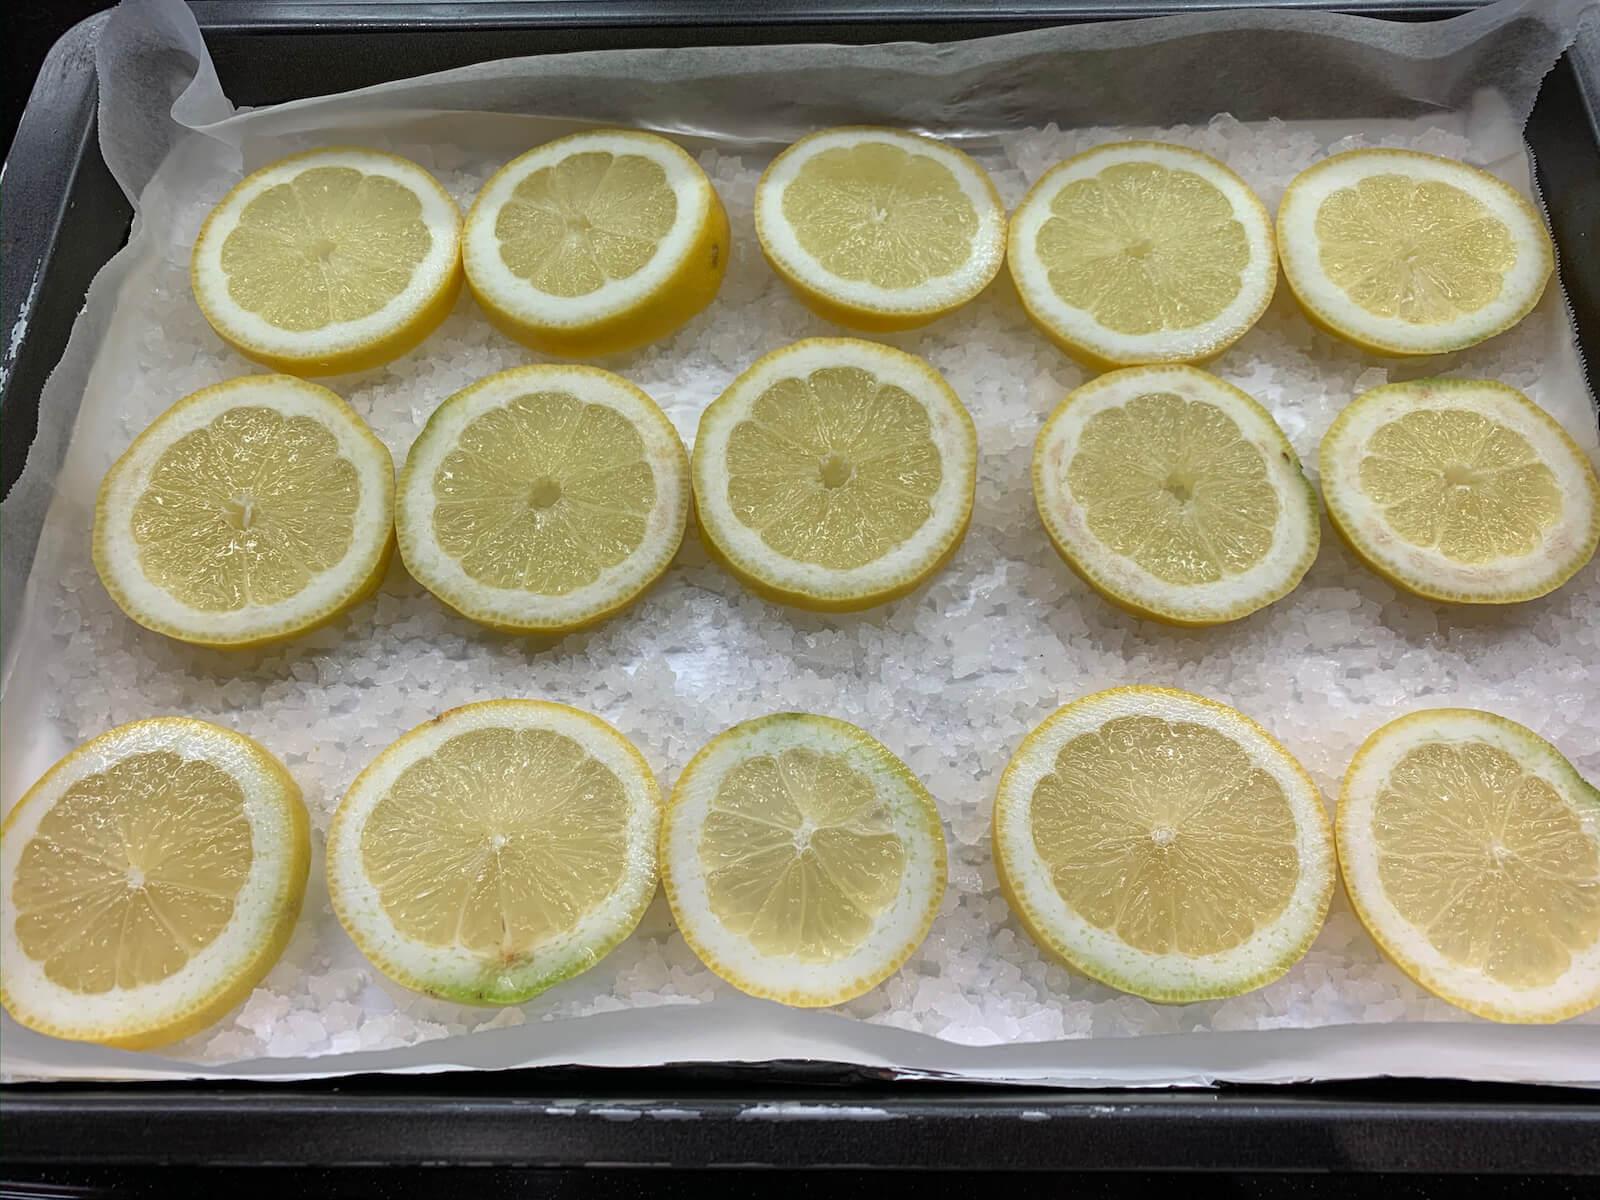 Schritt 2: Zitronen schneiden und auflegen